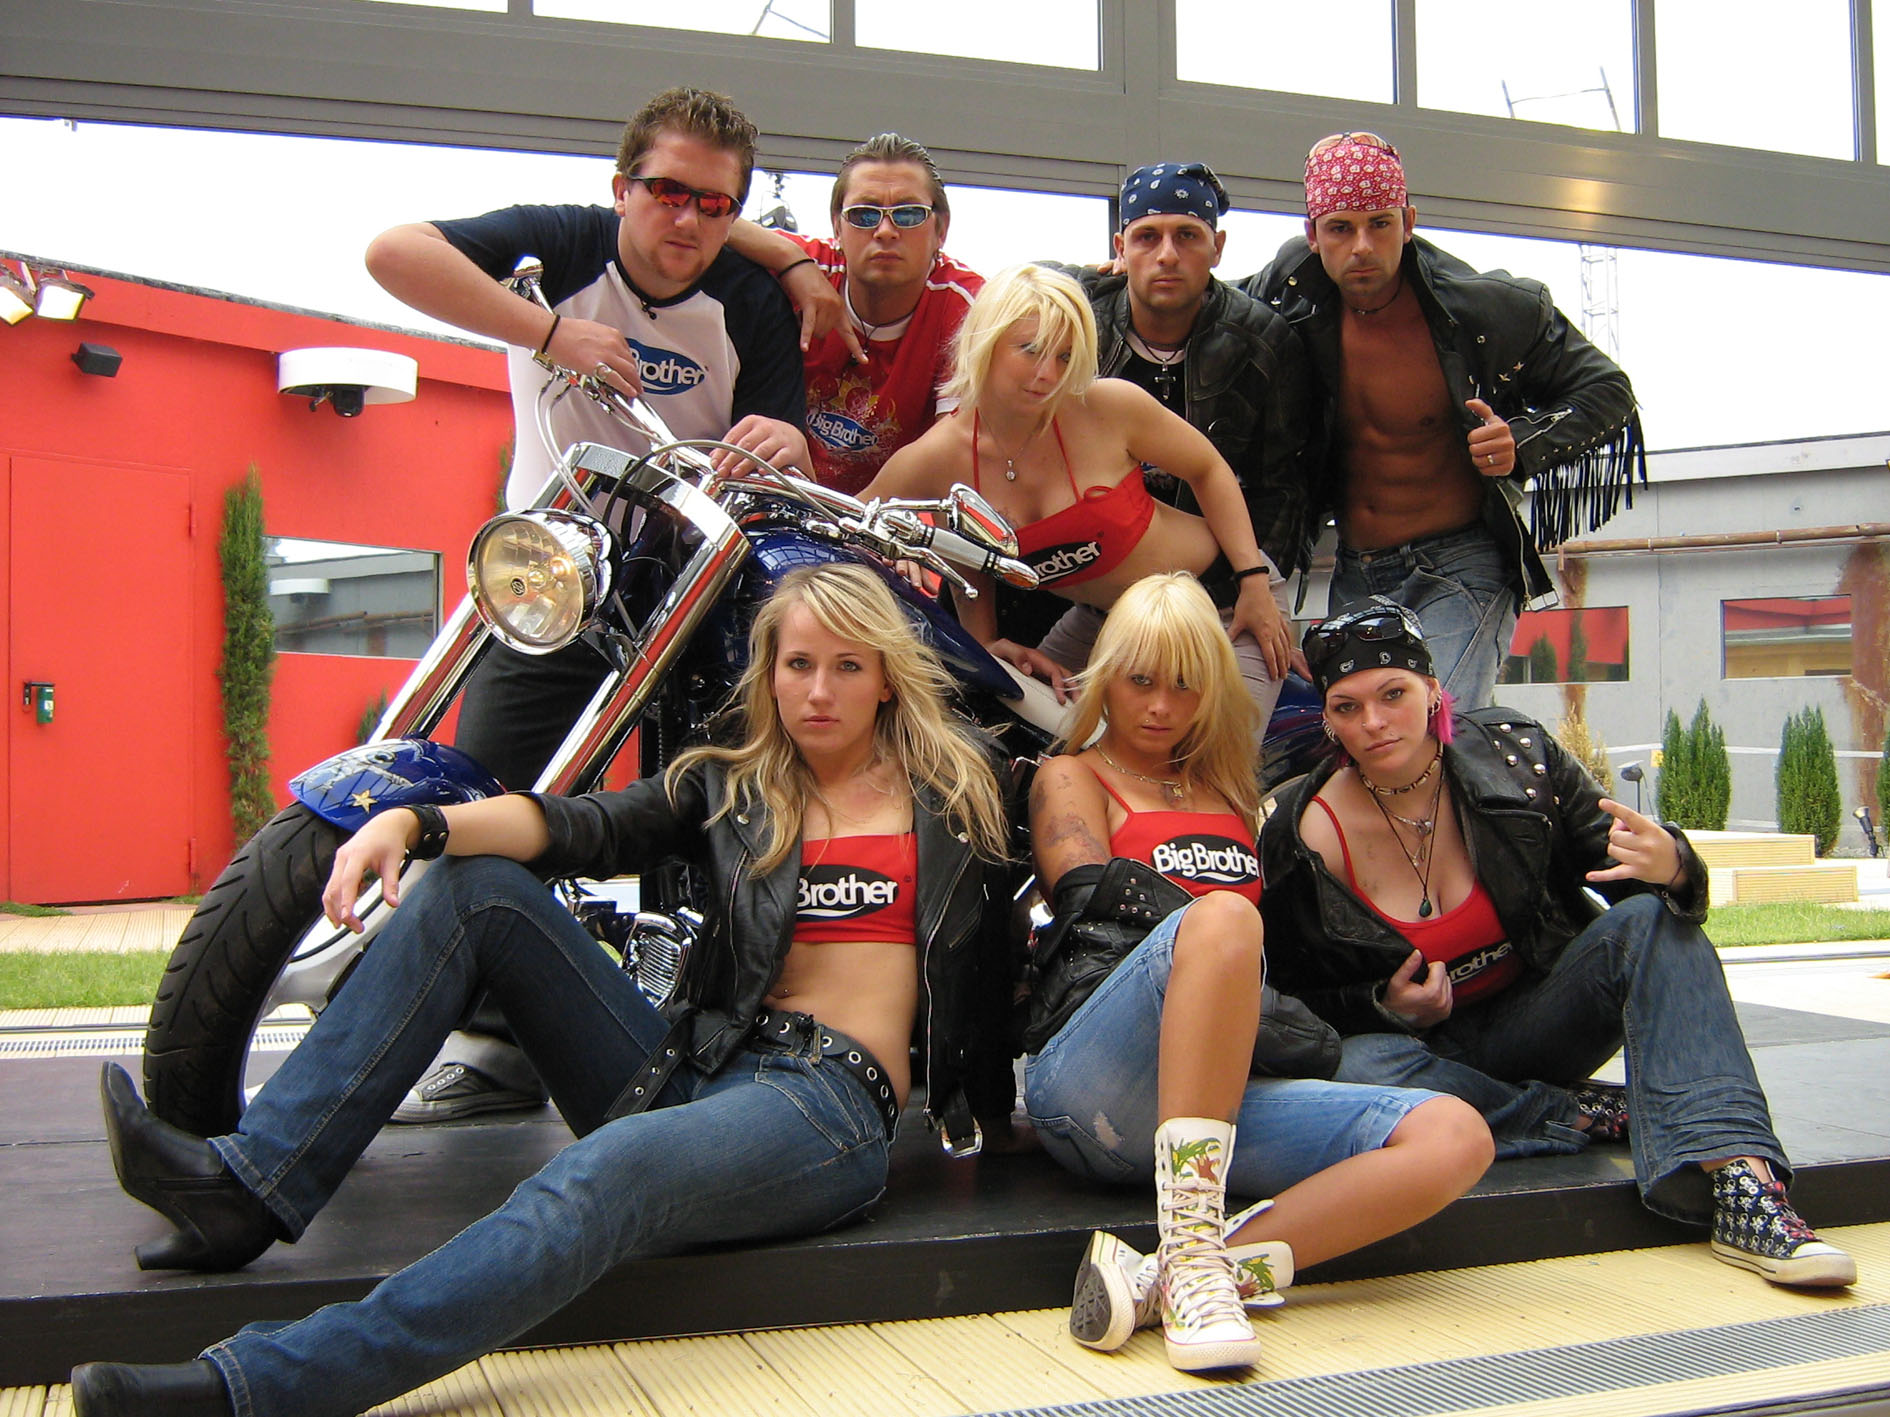 """Bewohner posieren mit dem """"Big Brother Bike"""", einem Unikat aus dem Haus Harley Davidson."""